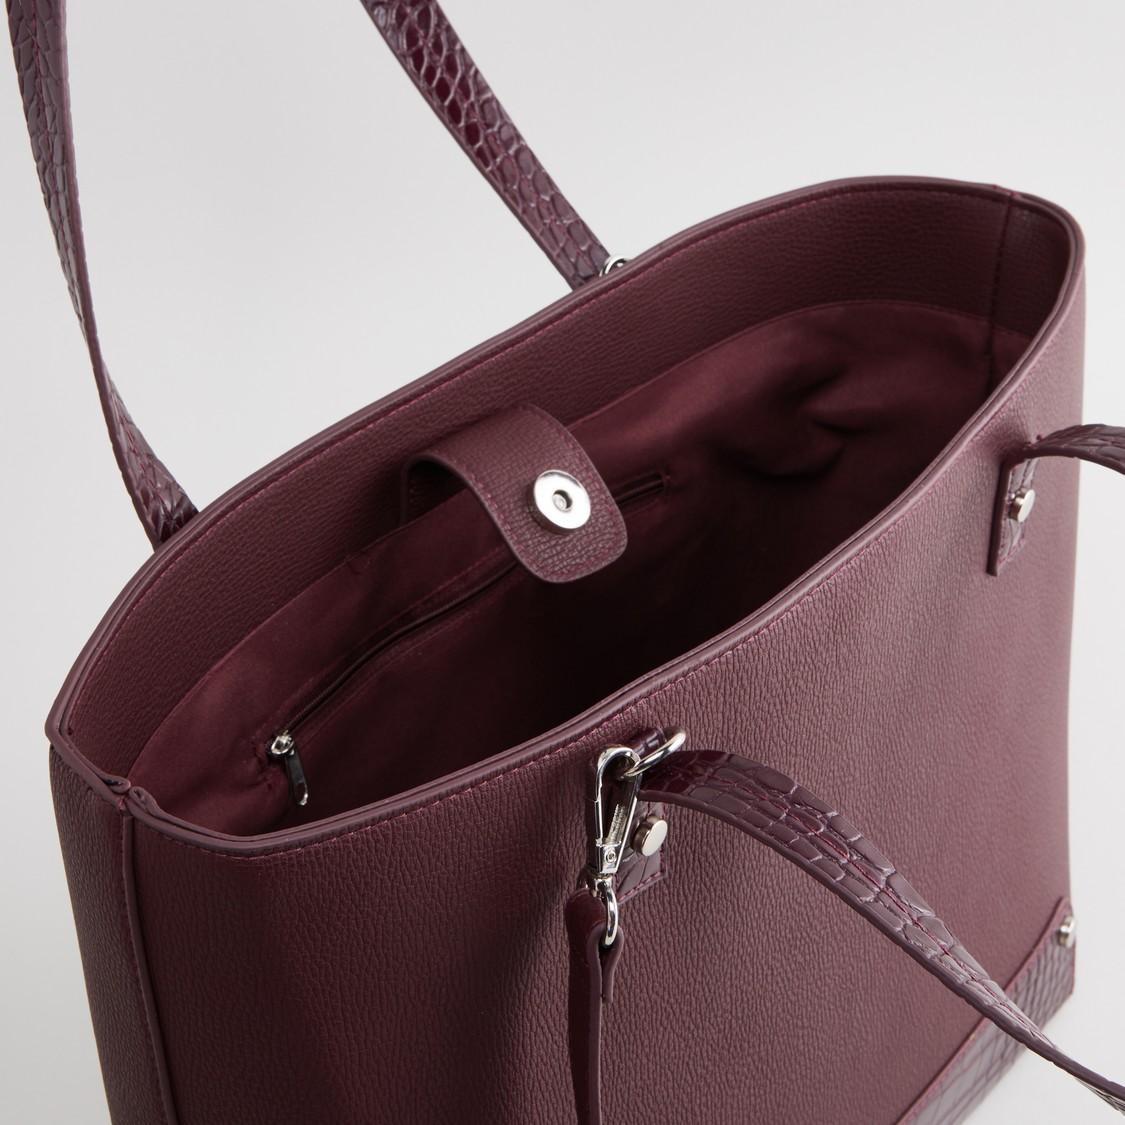 حقيبة يد بارزة الملمس بزر إغلاق وحمّالة قابلة للتعديل